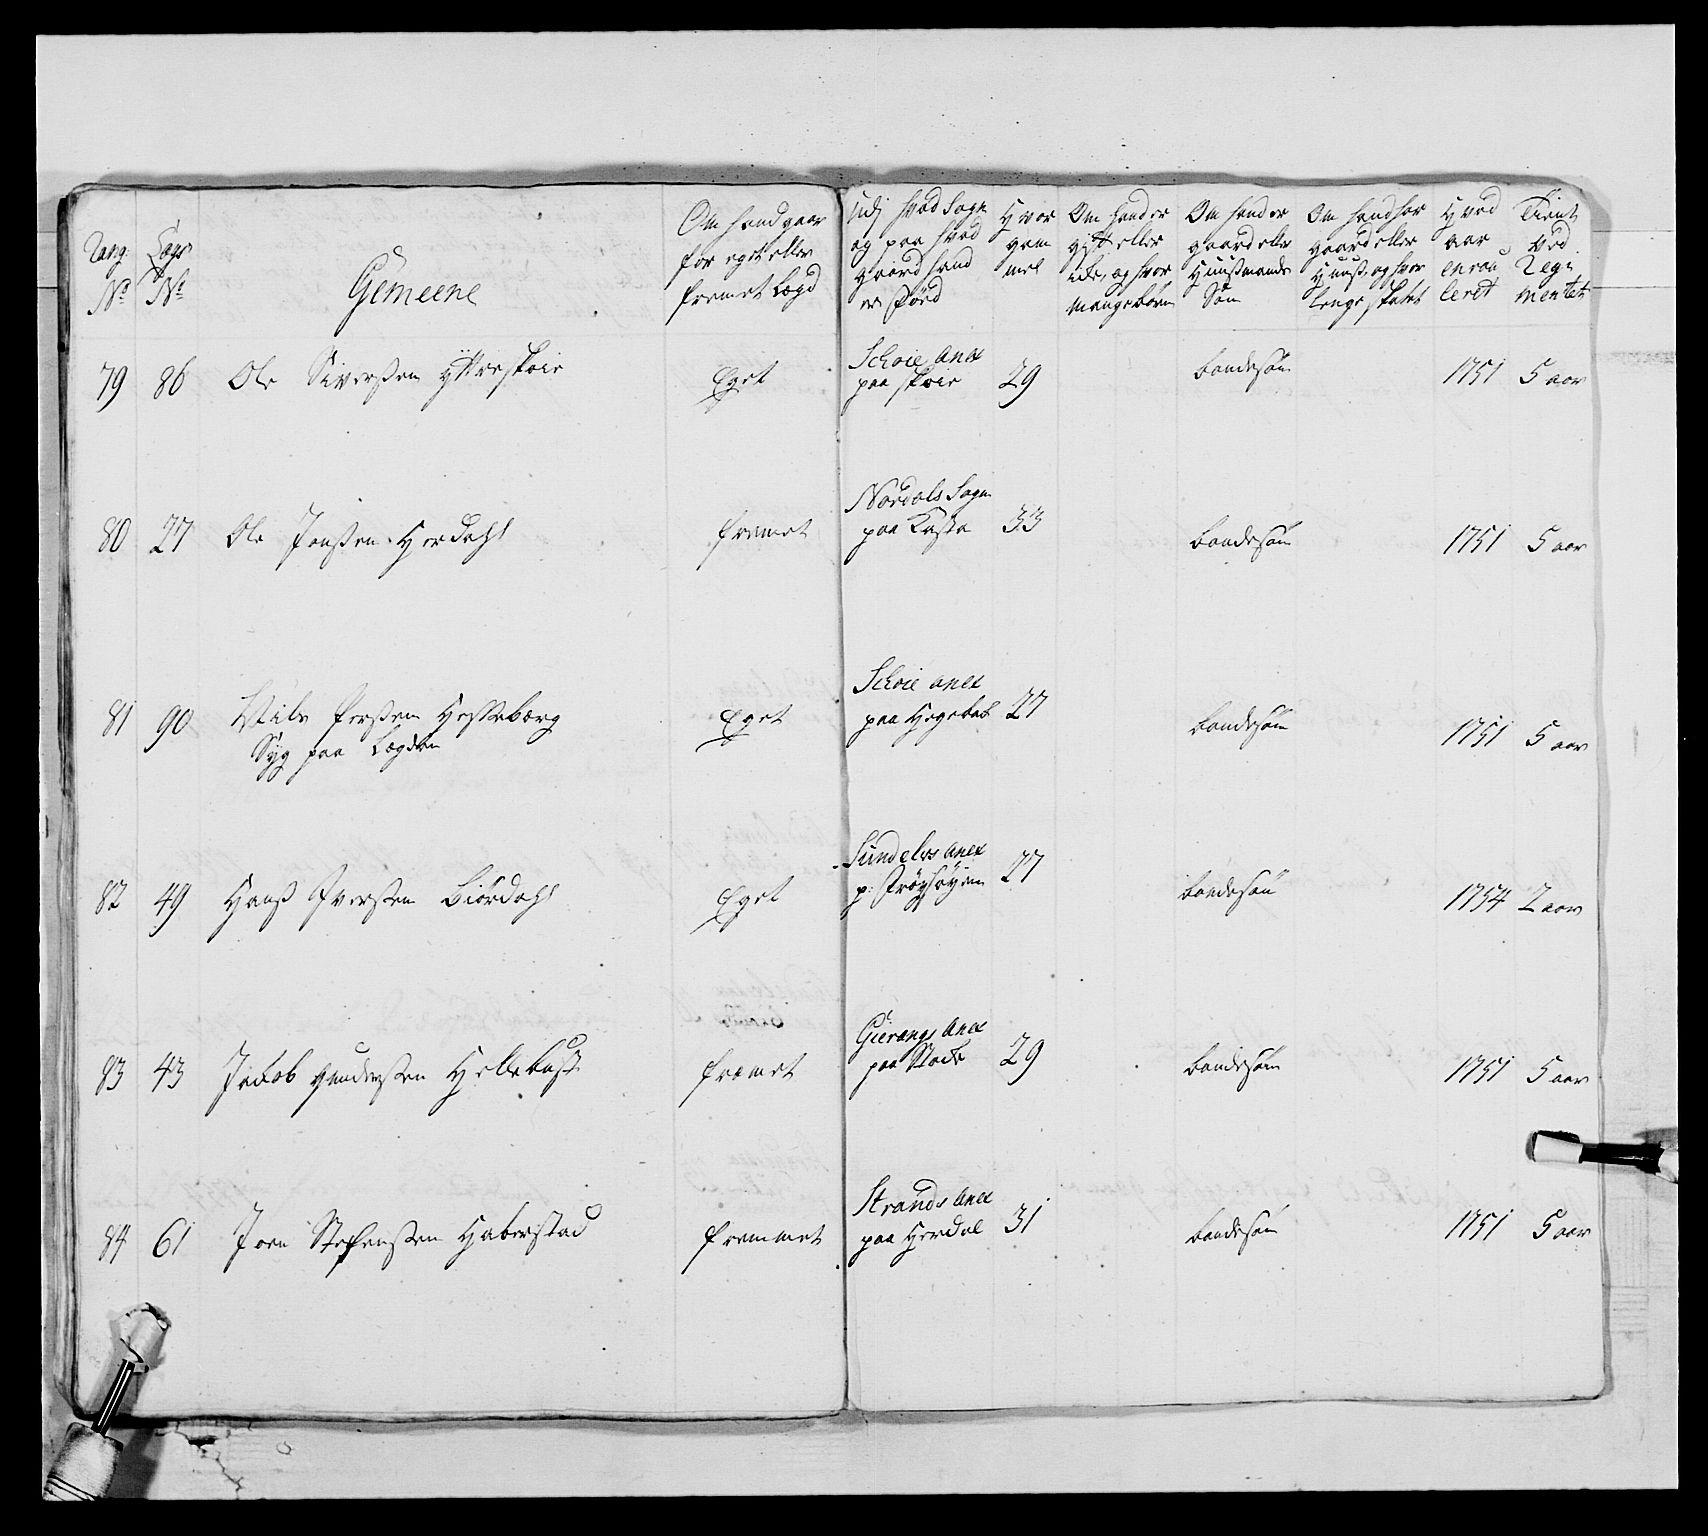 RA, Kommanderende general (KG I) med Det norske krigsdirektorium, E/Ea/L0517: 1. Bergenhusiske regiment, 1742-1756, p. 256